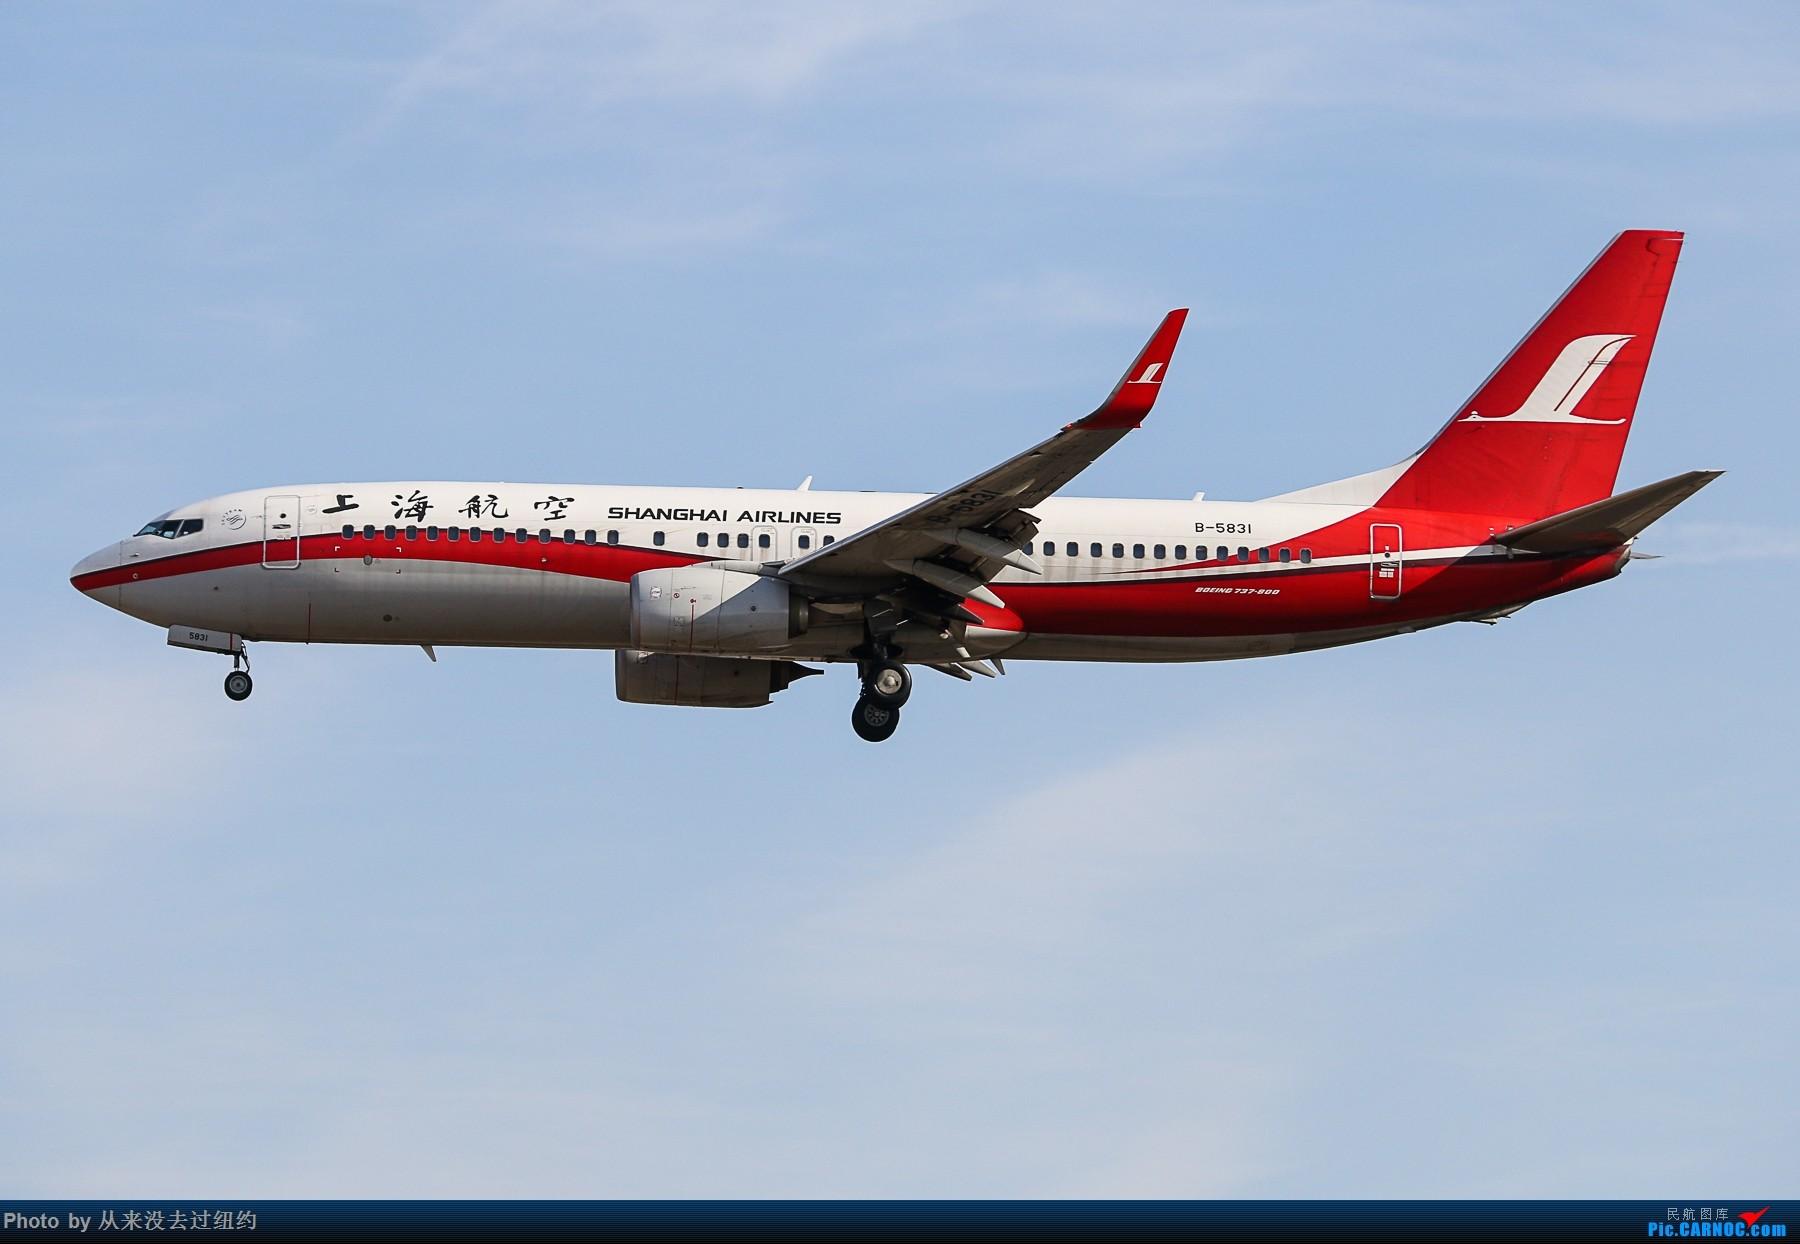 [原创]上航 738 BOEING 737-800 B-5831 中国北京首都国际机场